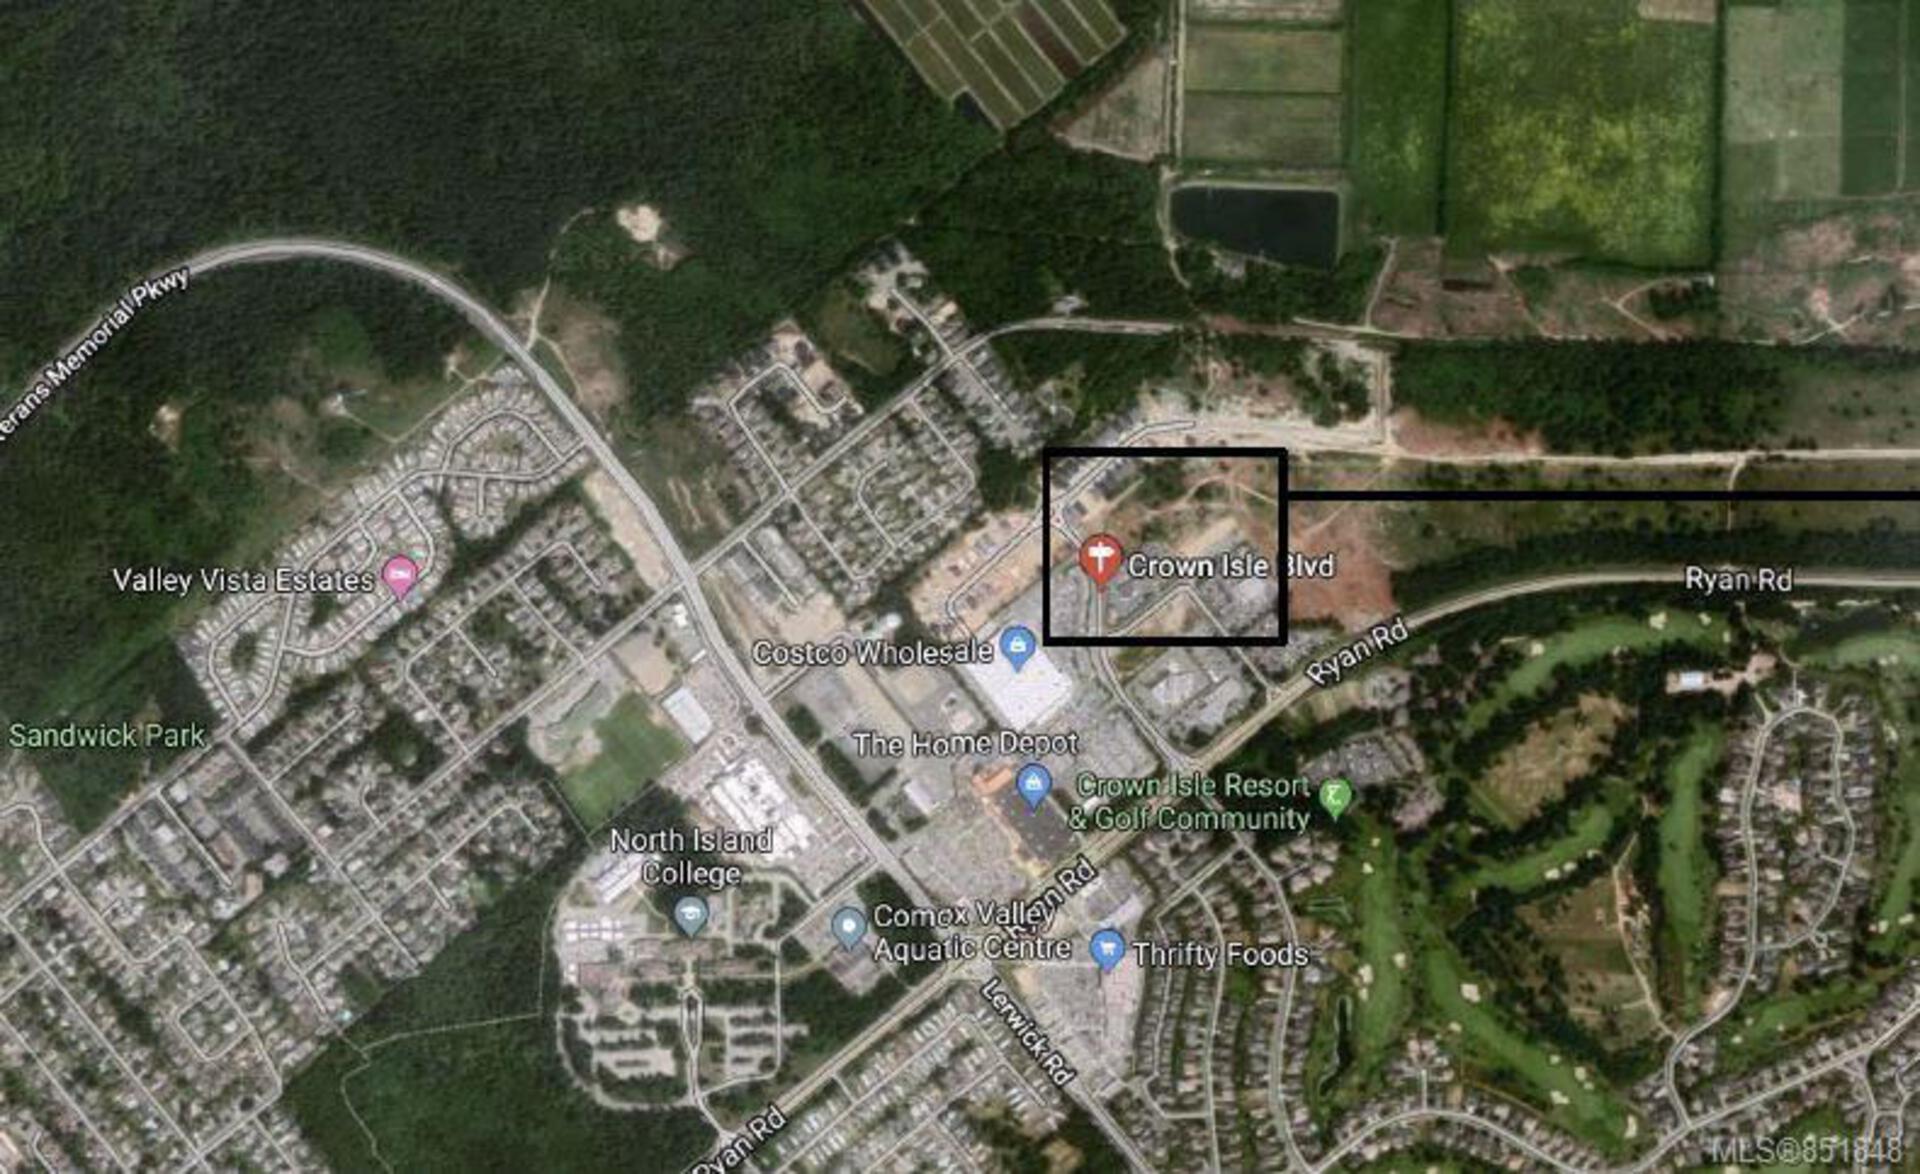 623-crown-isle-boulevard-crown-isle-comox-valley-03 at SL2 - 623 Crown Isle Boulevard, Crown Isle, Comox Valley